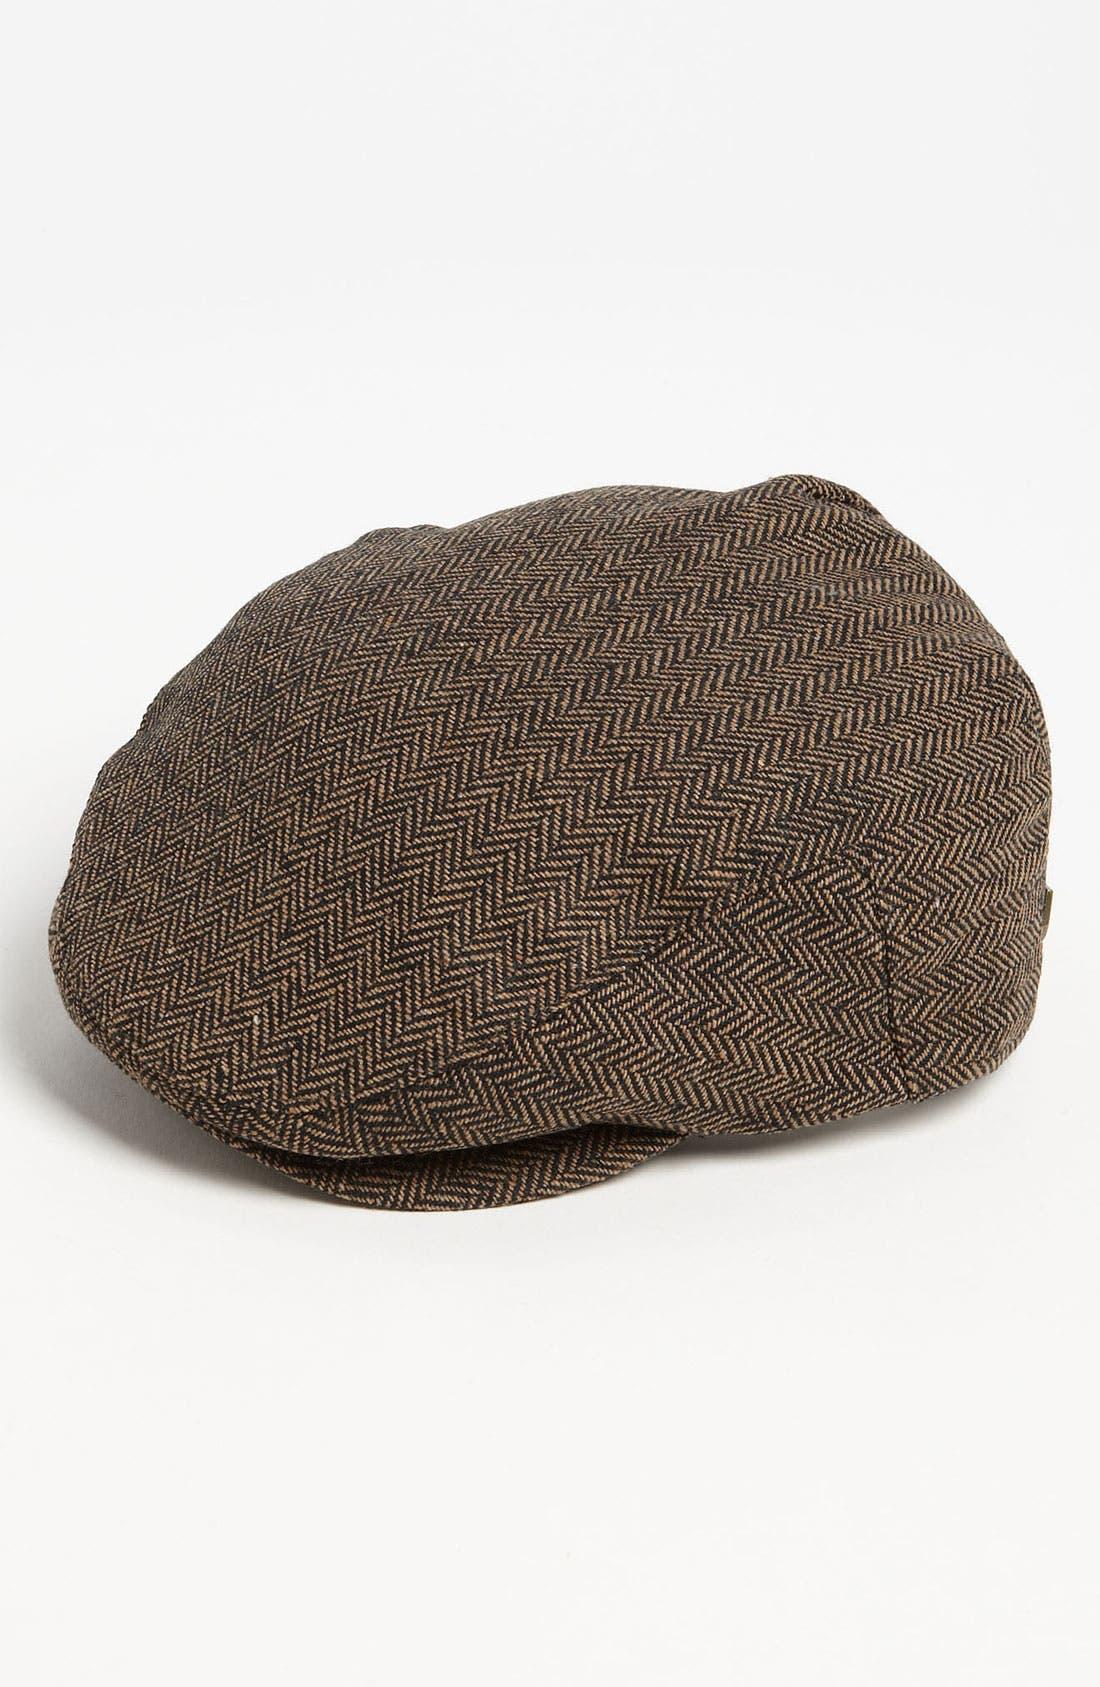 Hooligan Driving Cap,                         Main,                         color, Brown/ Khaki